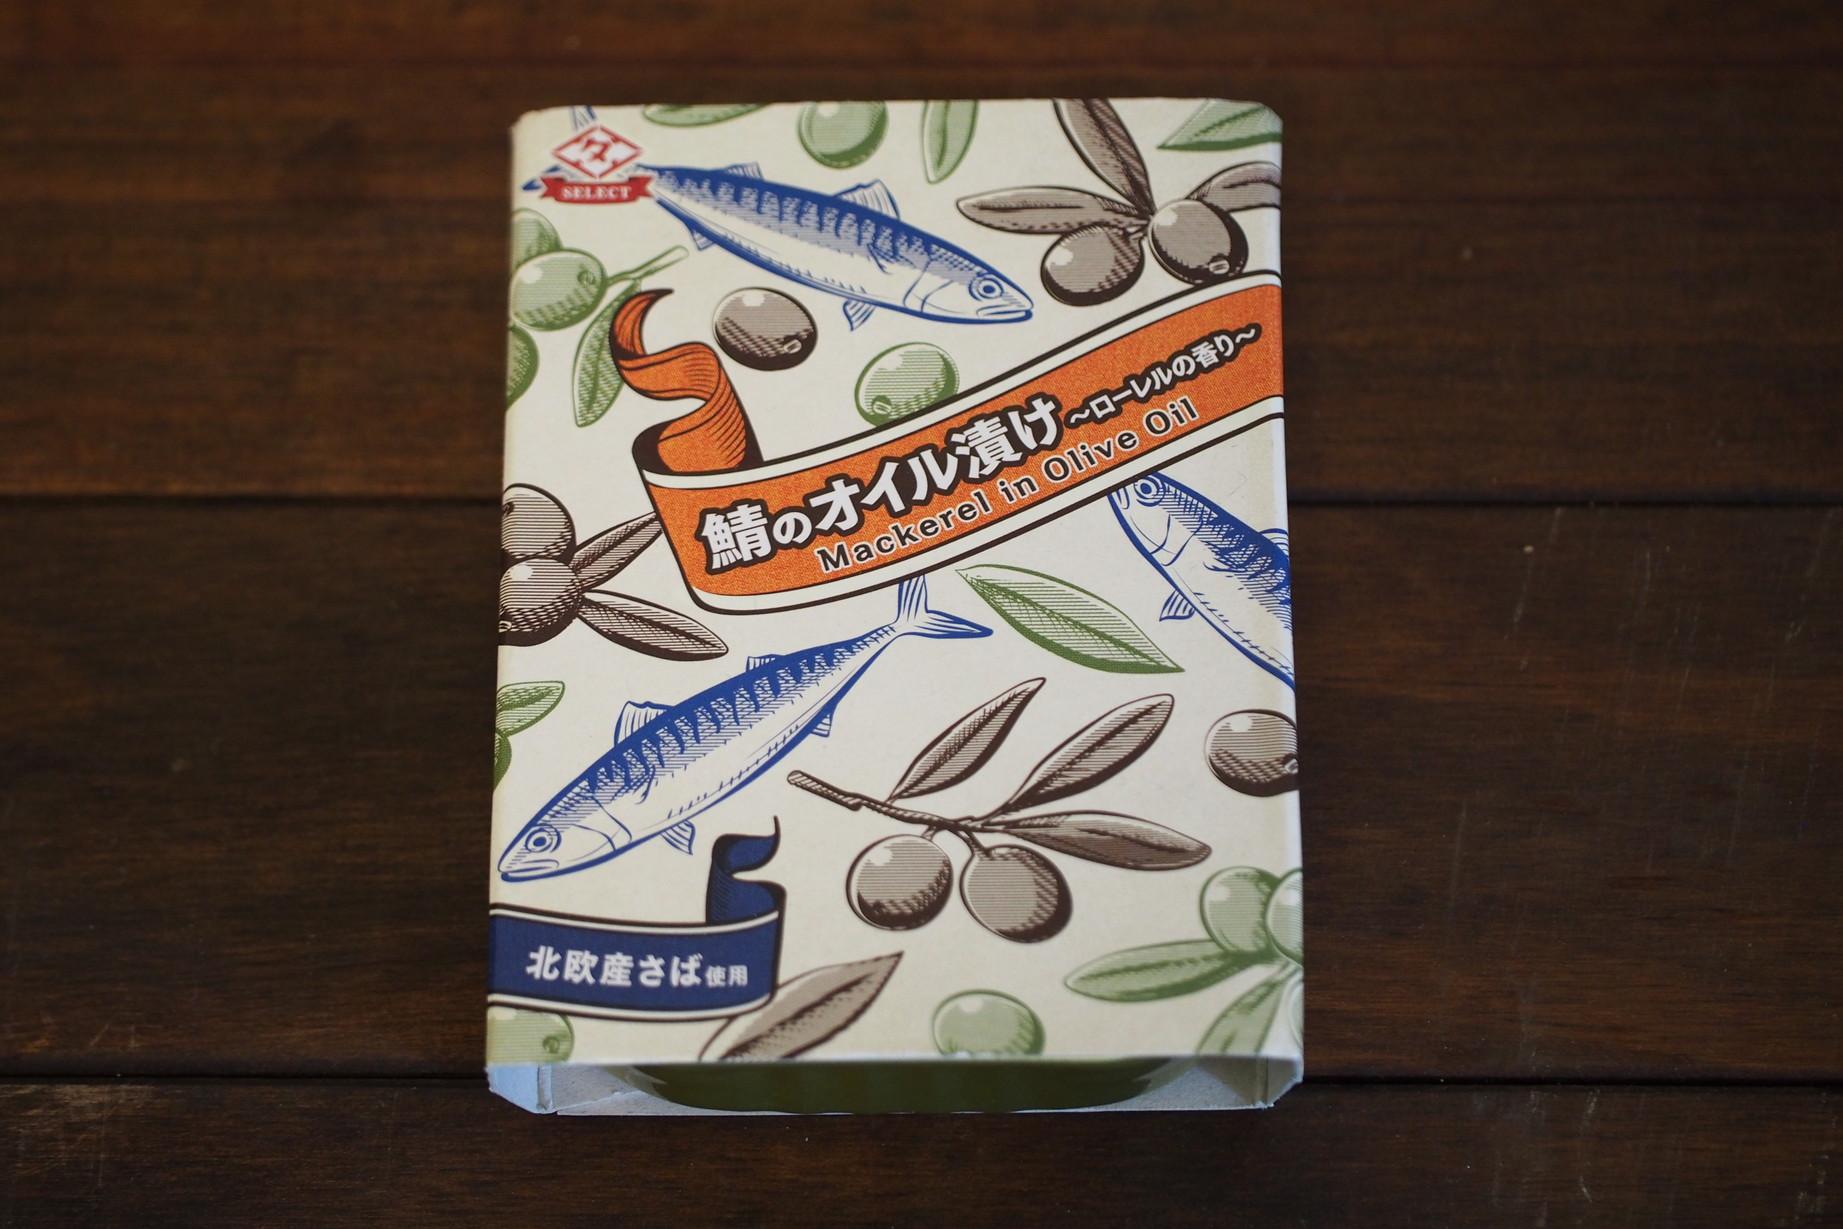 田原缶詰 ちょうした 鯖のオイル漬け~ローレルの香り~